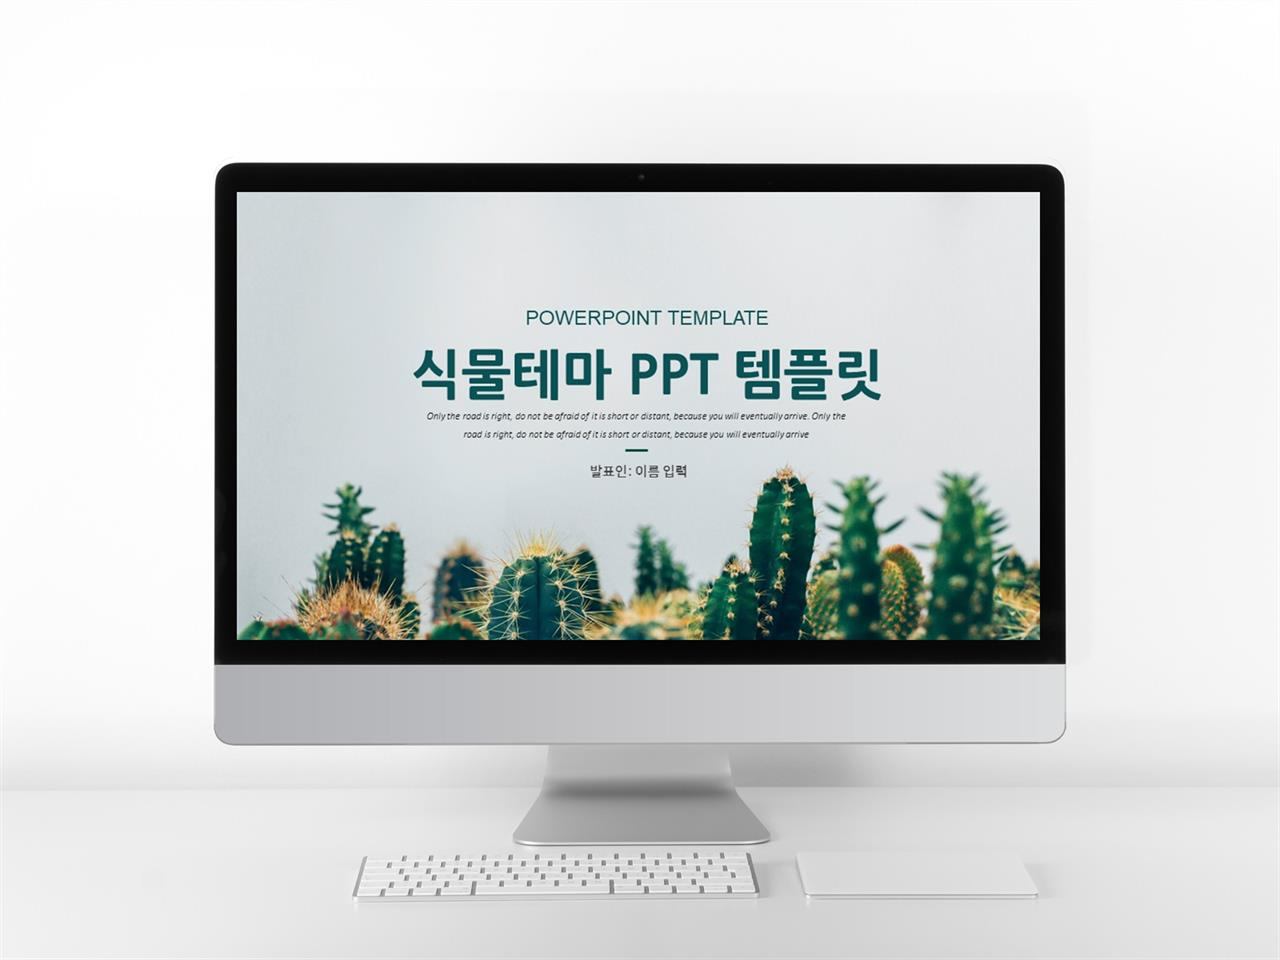 플라워, 동물주제 그린색 폼나는 매력적인 POWERPOINT탬플릿 제작 미리보기